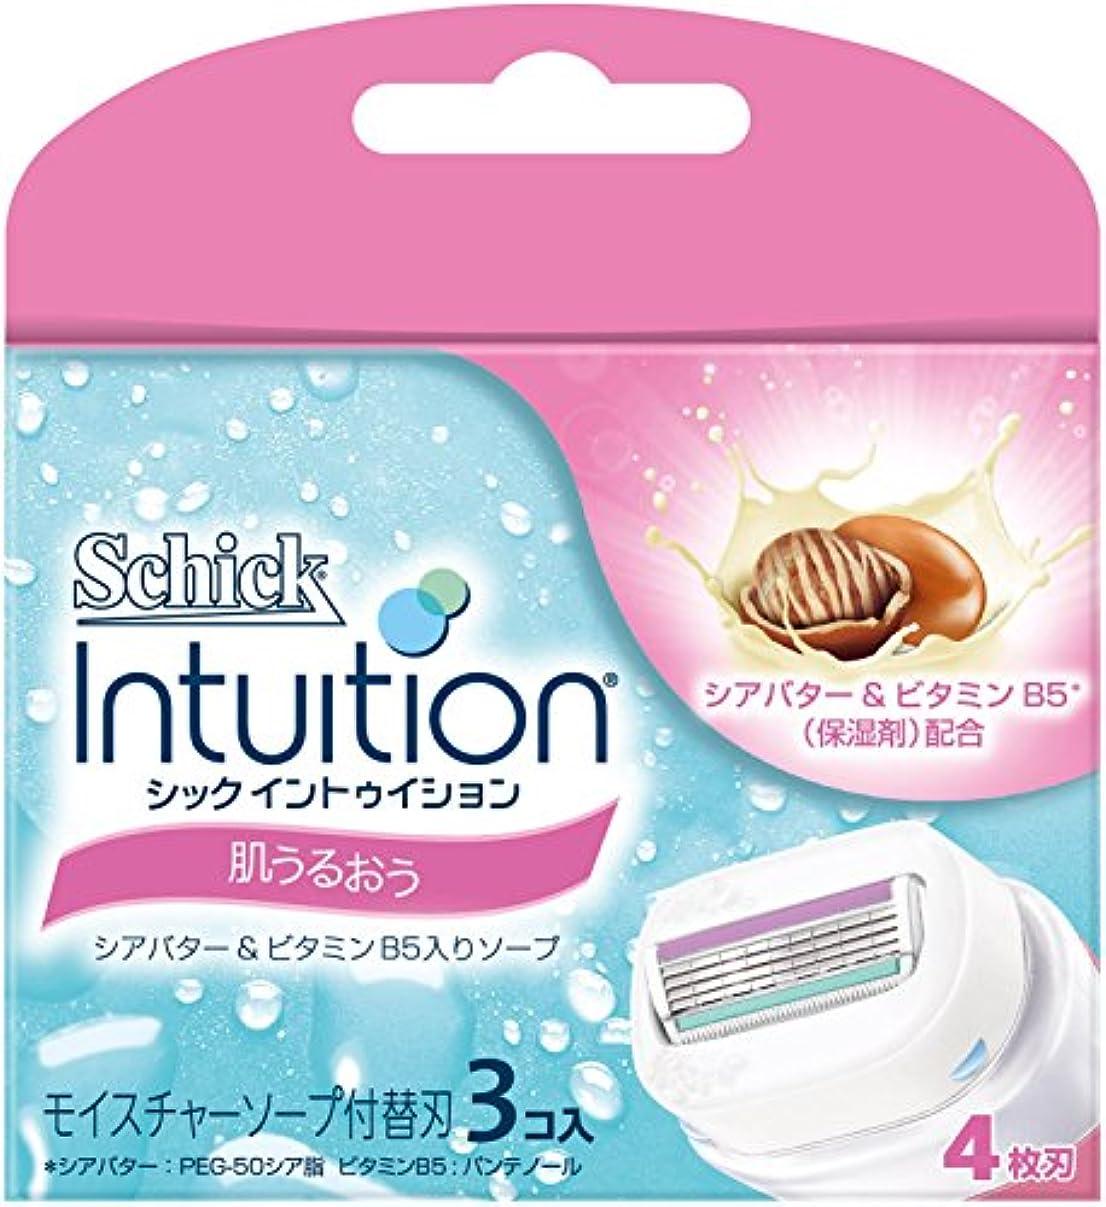 プロジェクター分解する不安定なシック Schick イントゥイション 替刃 女性用 カミソリ 肌うるおう(3コ入)